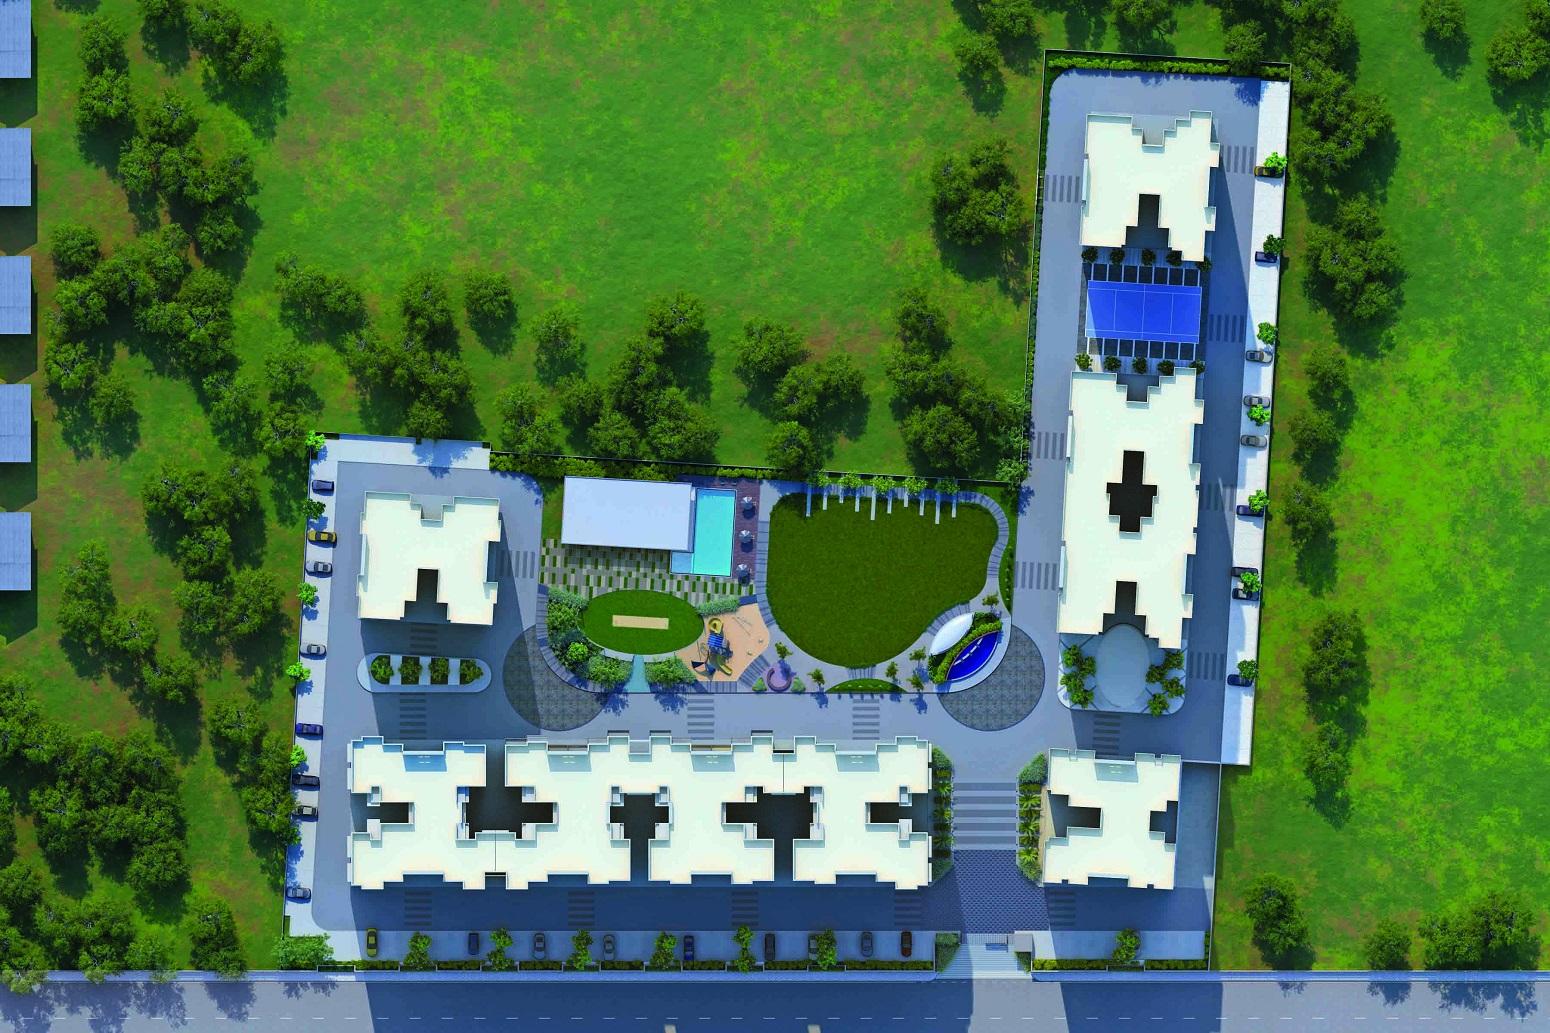 master-plan-image-Picture-hn-safal-orchid-elegance-2693444